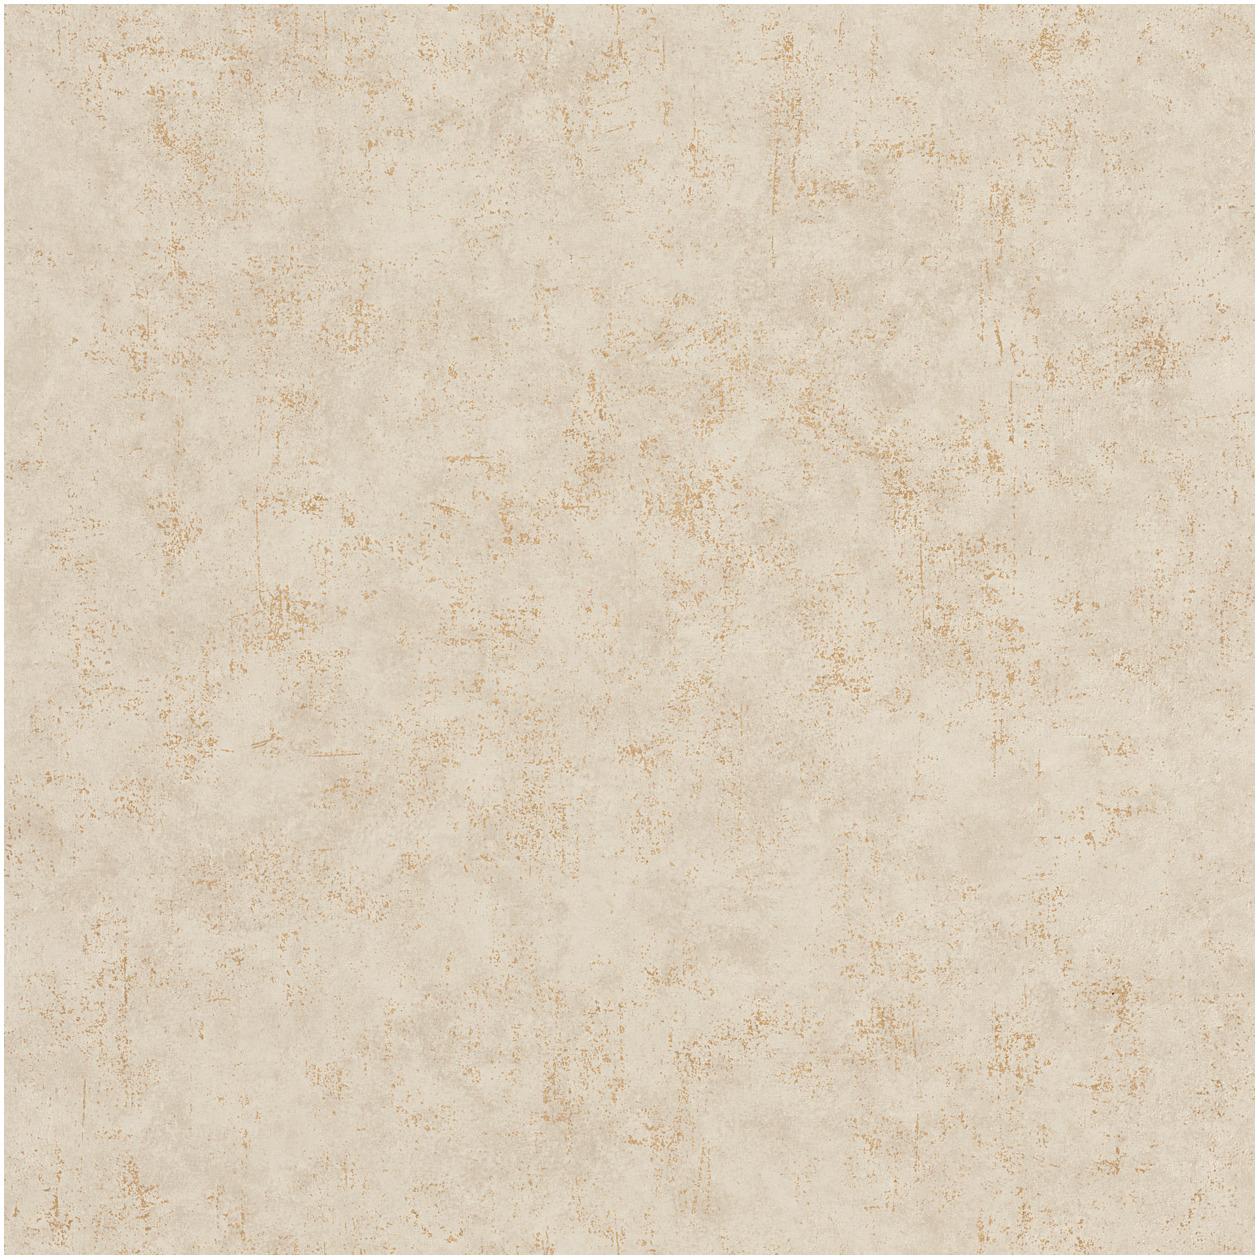 Обои Caselio Beton 0,53 см. 101491127